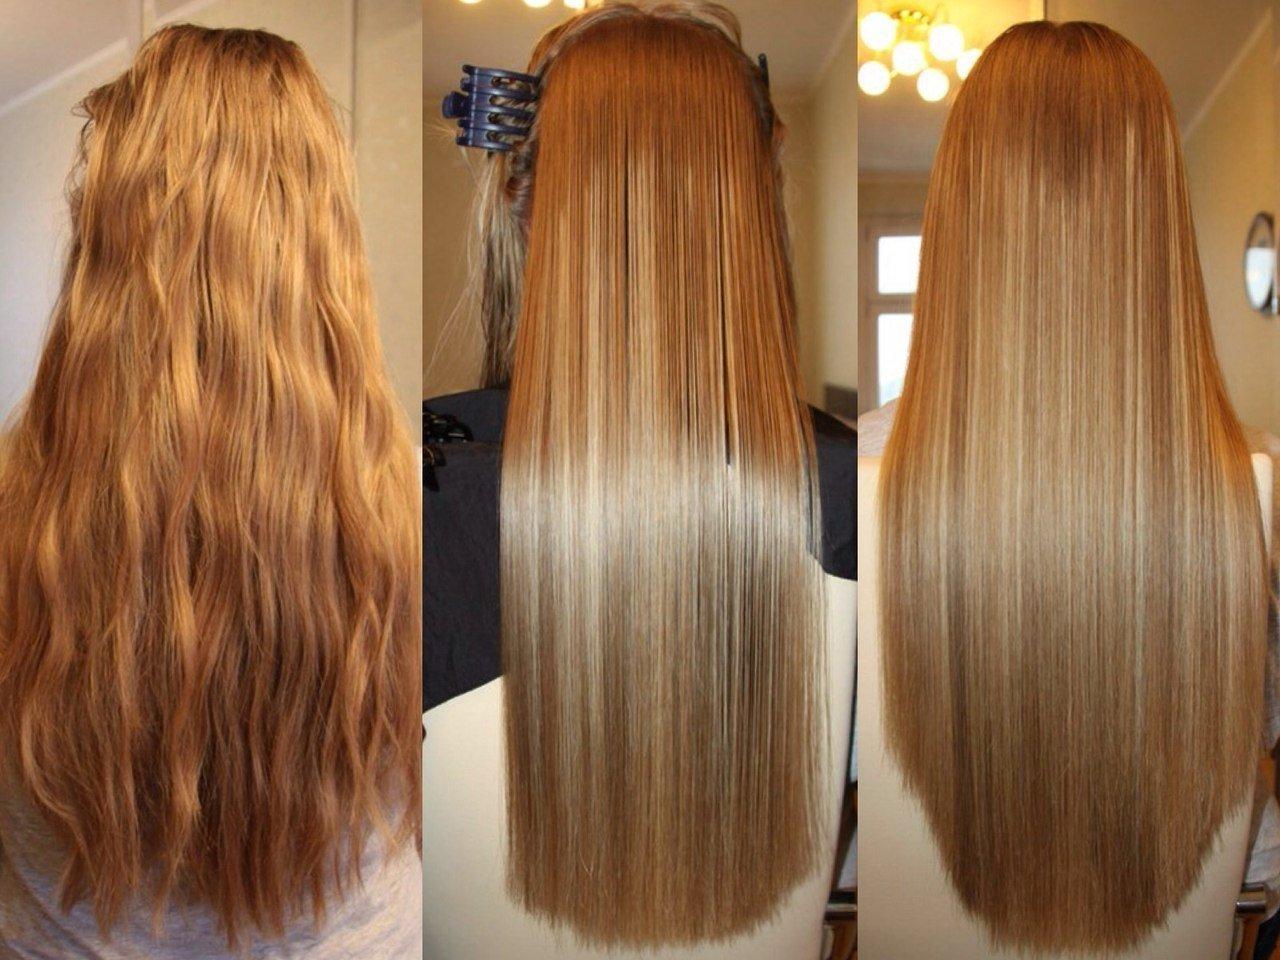 Ламинирование волос в домашних условиях желатином и маслами